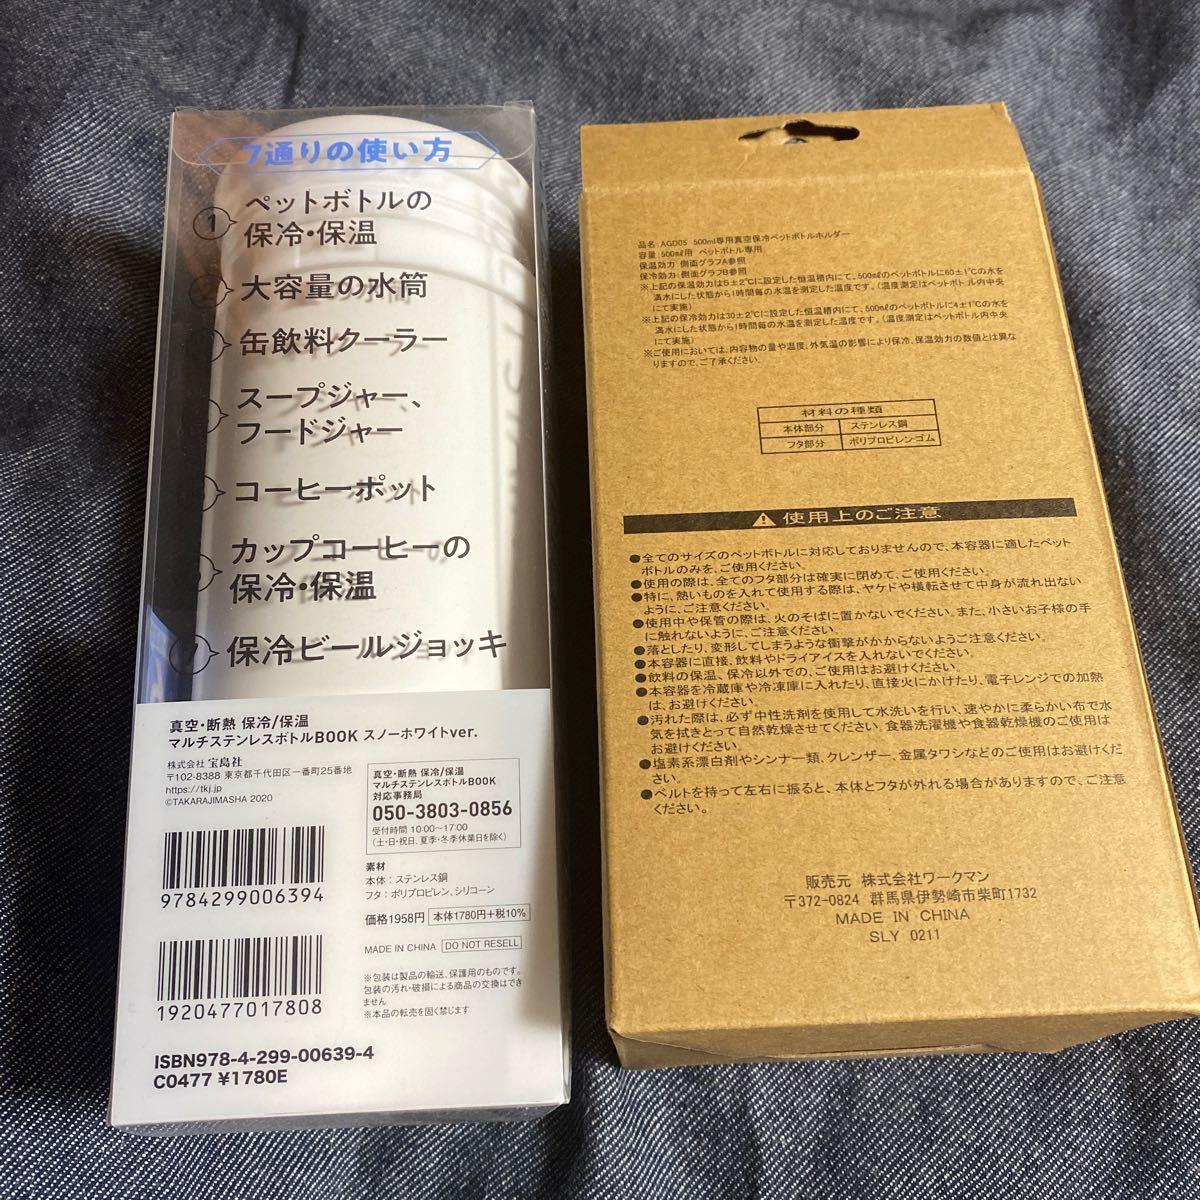 マルチステンレスボトル& 新品 ワークマンイージス真空保冷ペットボトルホルダー 500ml 専用